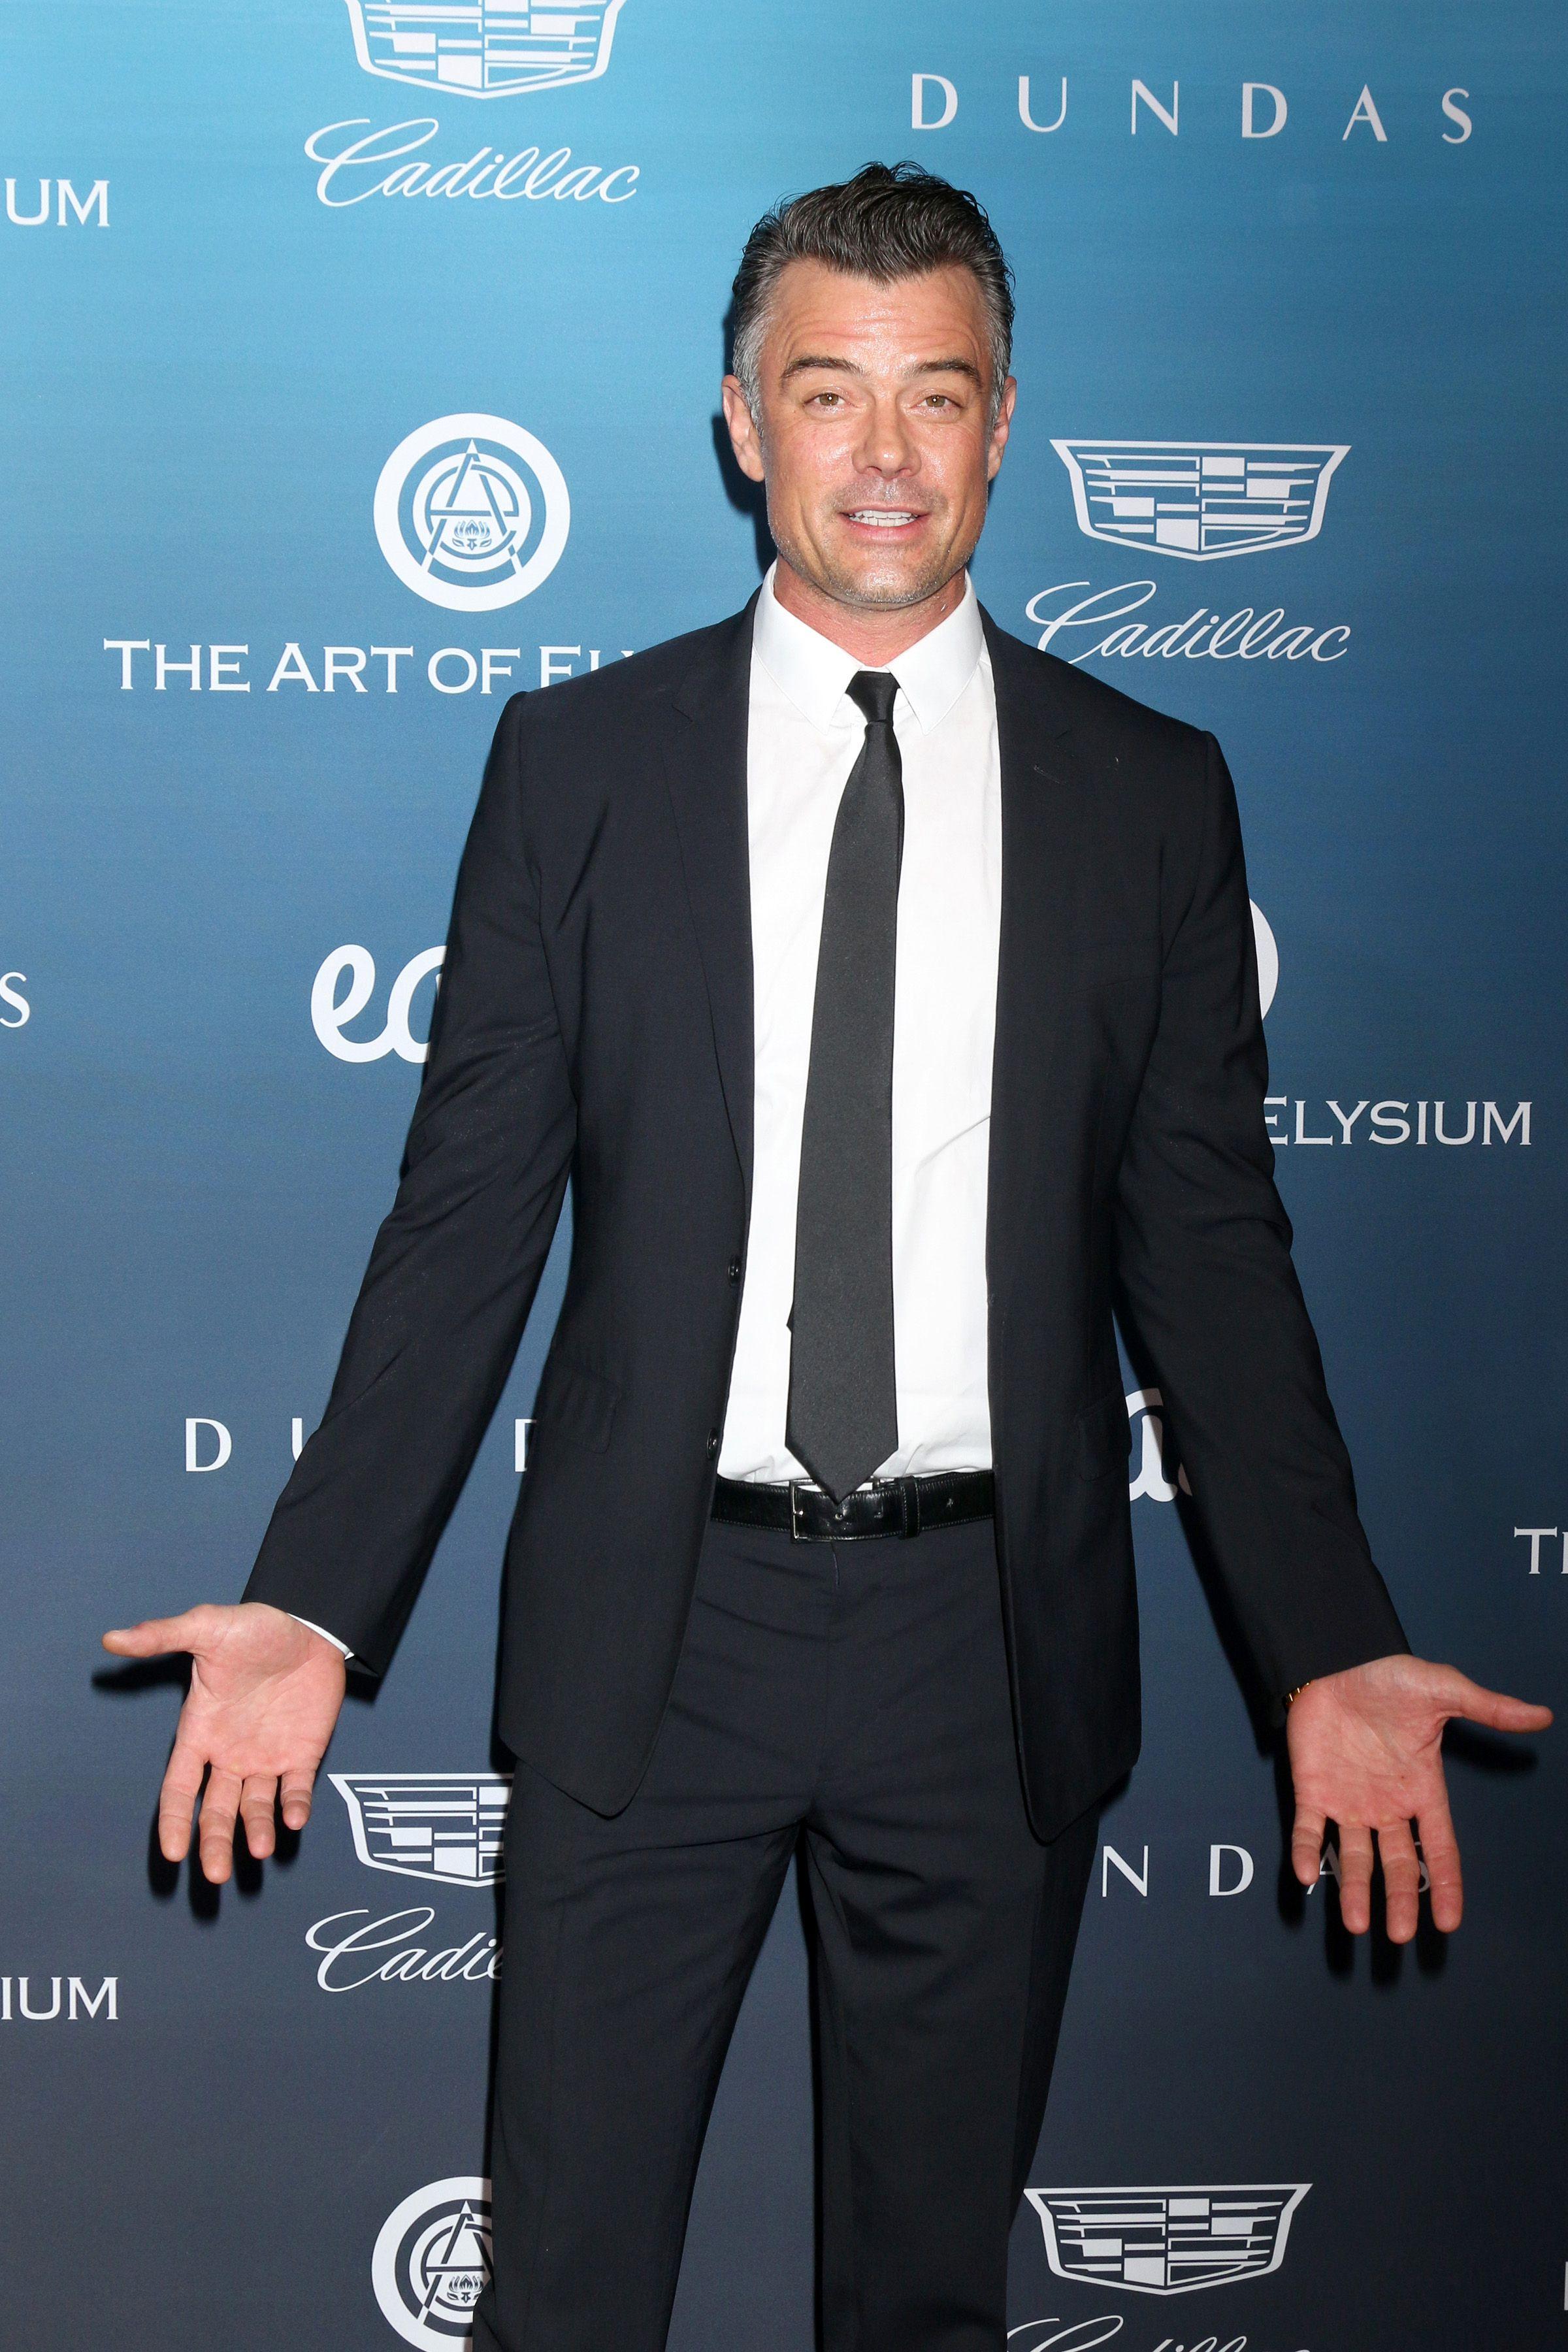 Josh Duhamel wears a black suit and tie.